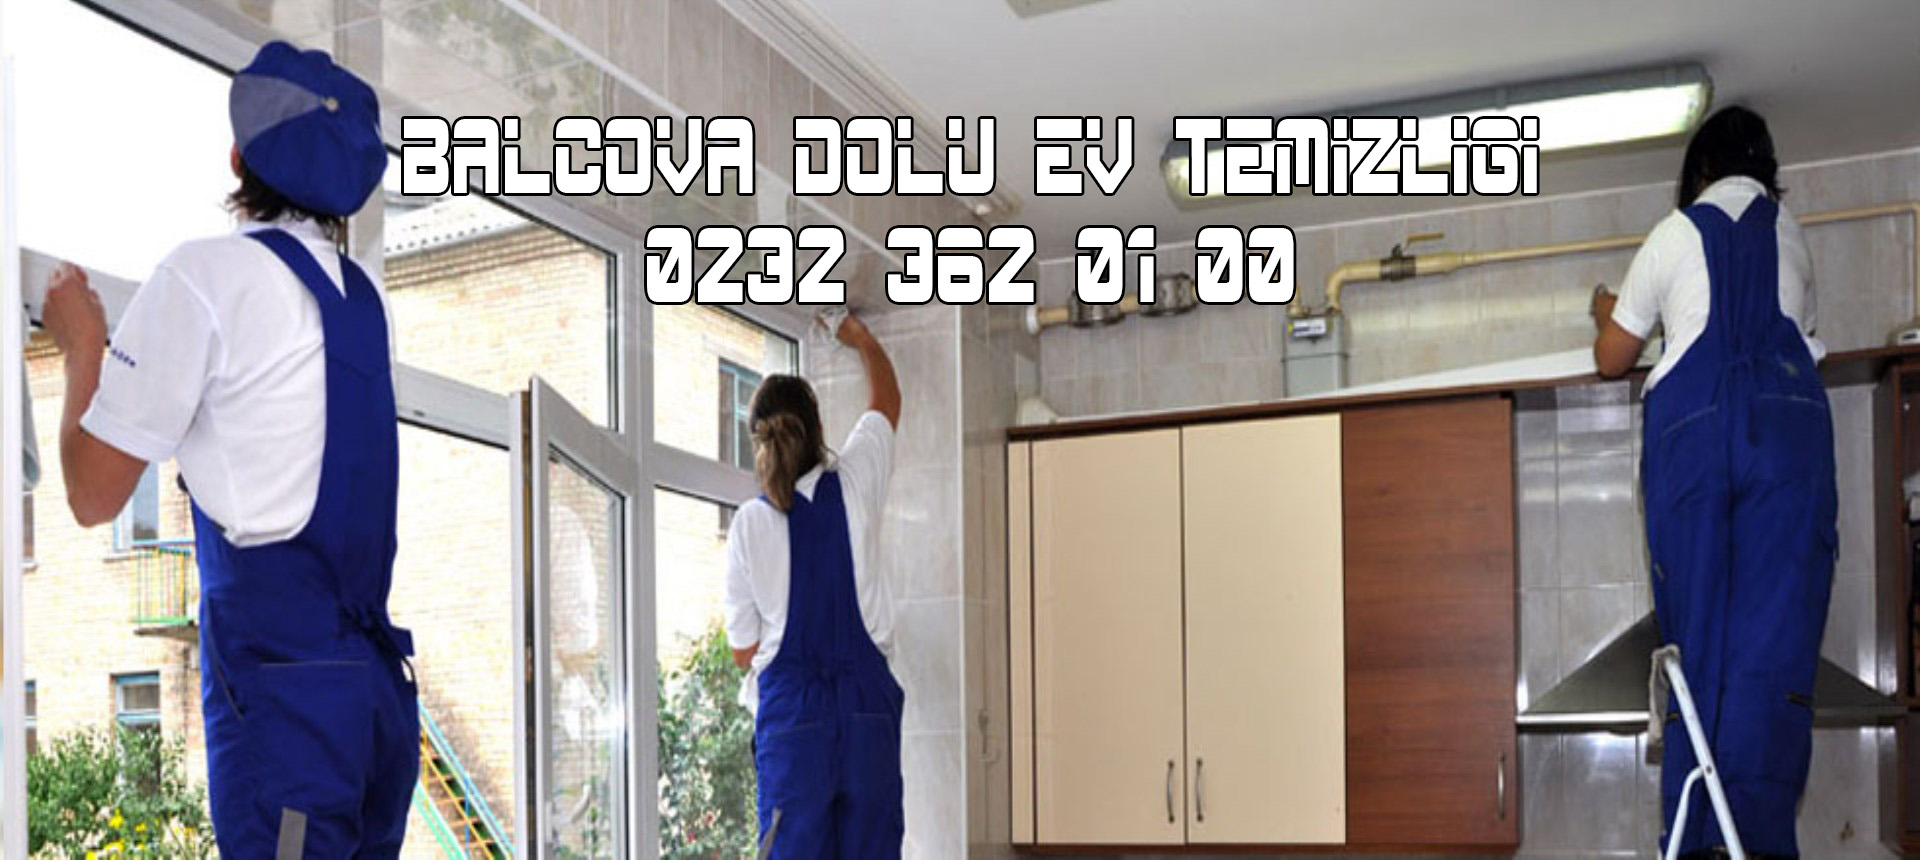 Balçova temizlik şirketi, balçova dolu ev temizliği